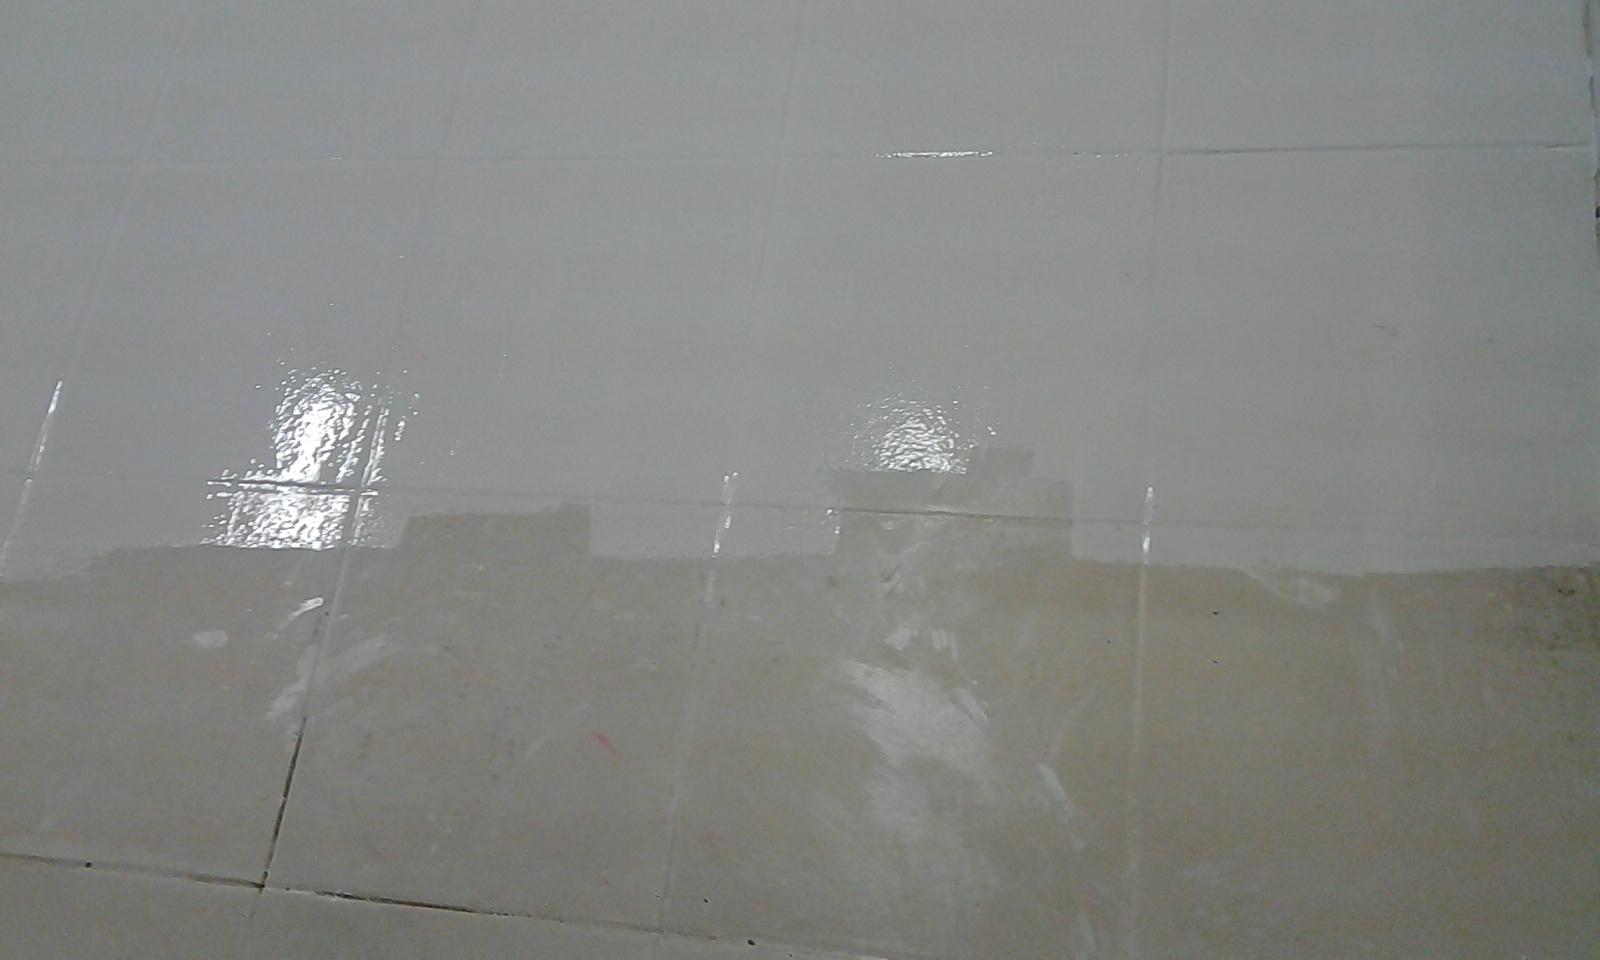 PISO CERAMICA PINTADO TINTA EPOXI 05 (CINCO) ANOS DE GARANTIA ALTO  #504E43 1600x960 Azulejo De Banheiro Pintado Com Tinta Epoxi